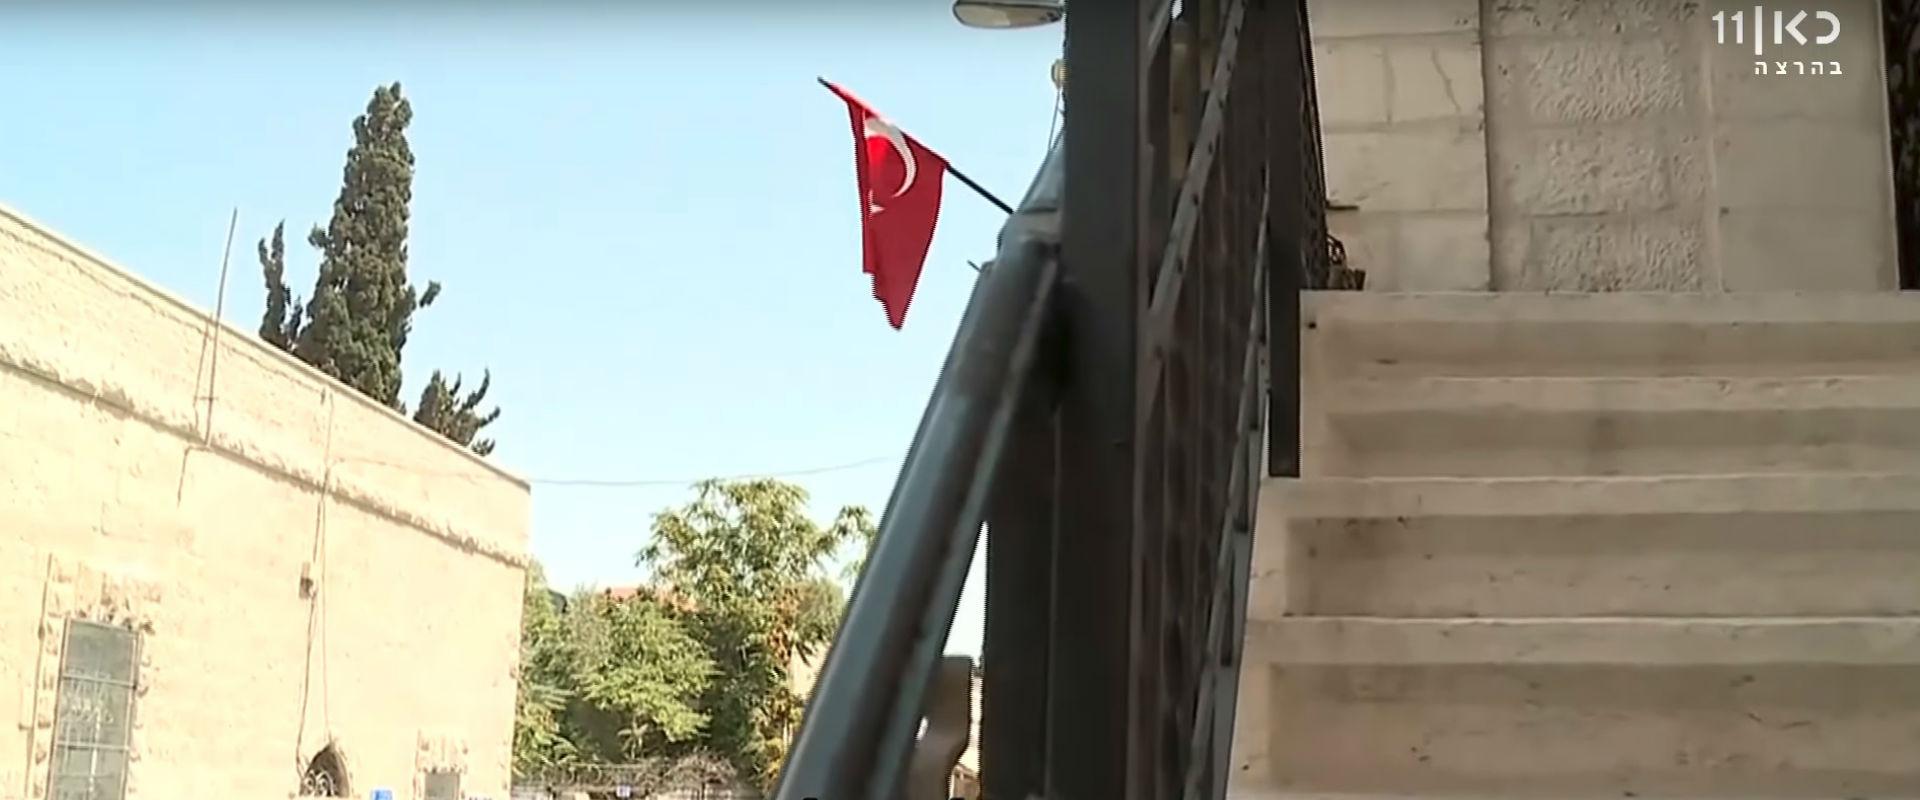 דגל טורקיה מונף בירושלים